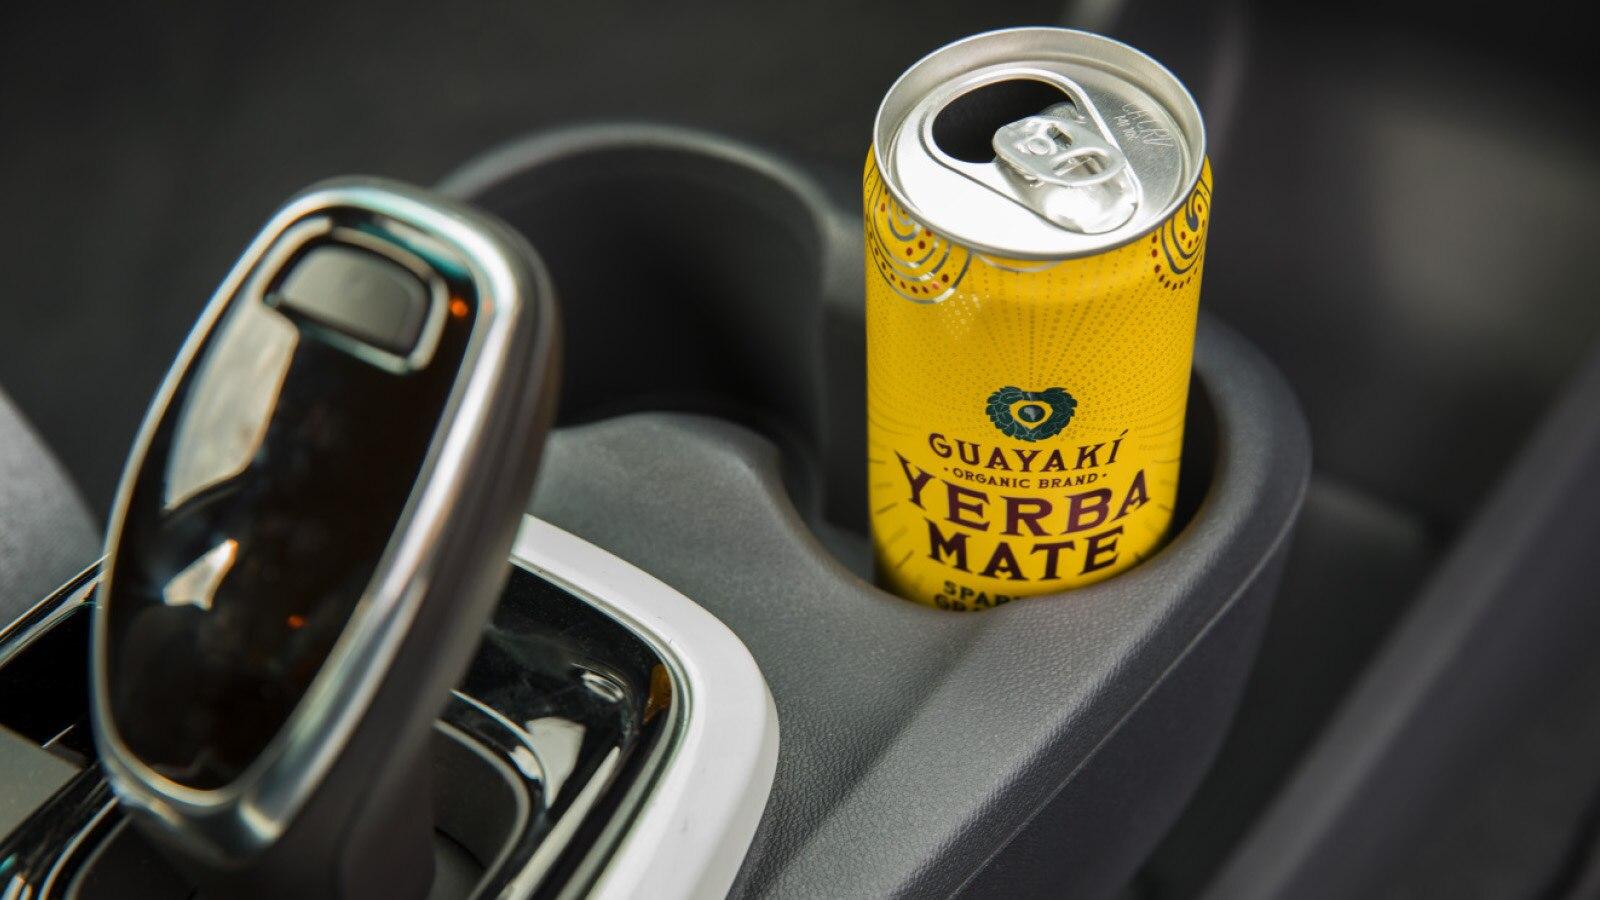 Una lata abierta de la bebida Yerba Mate en el posavasos de un Chevrolet Bolt EV.